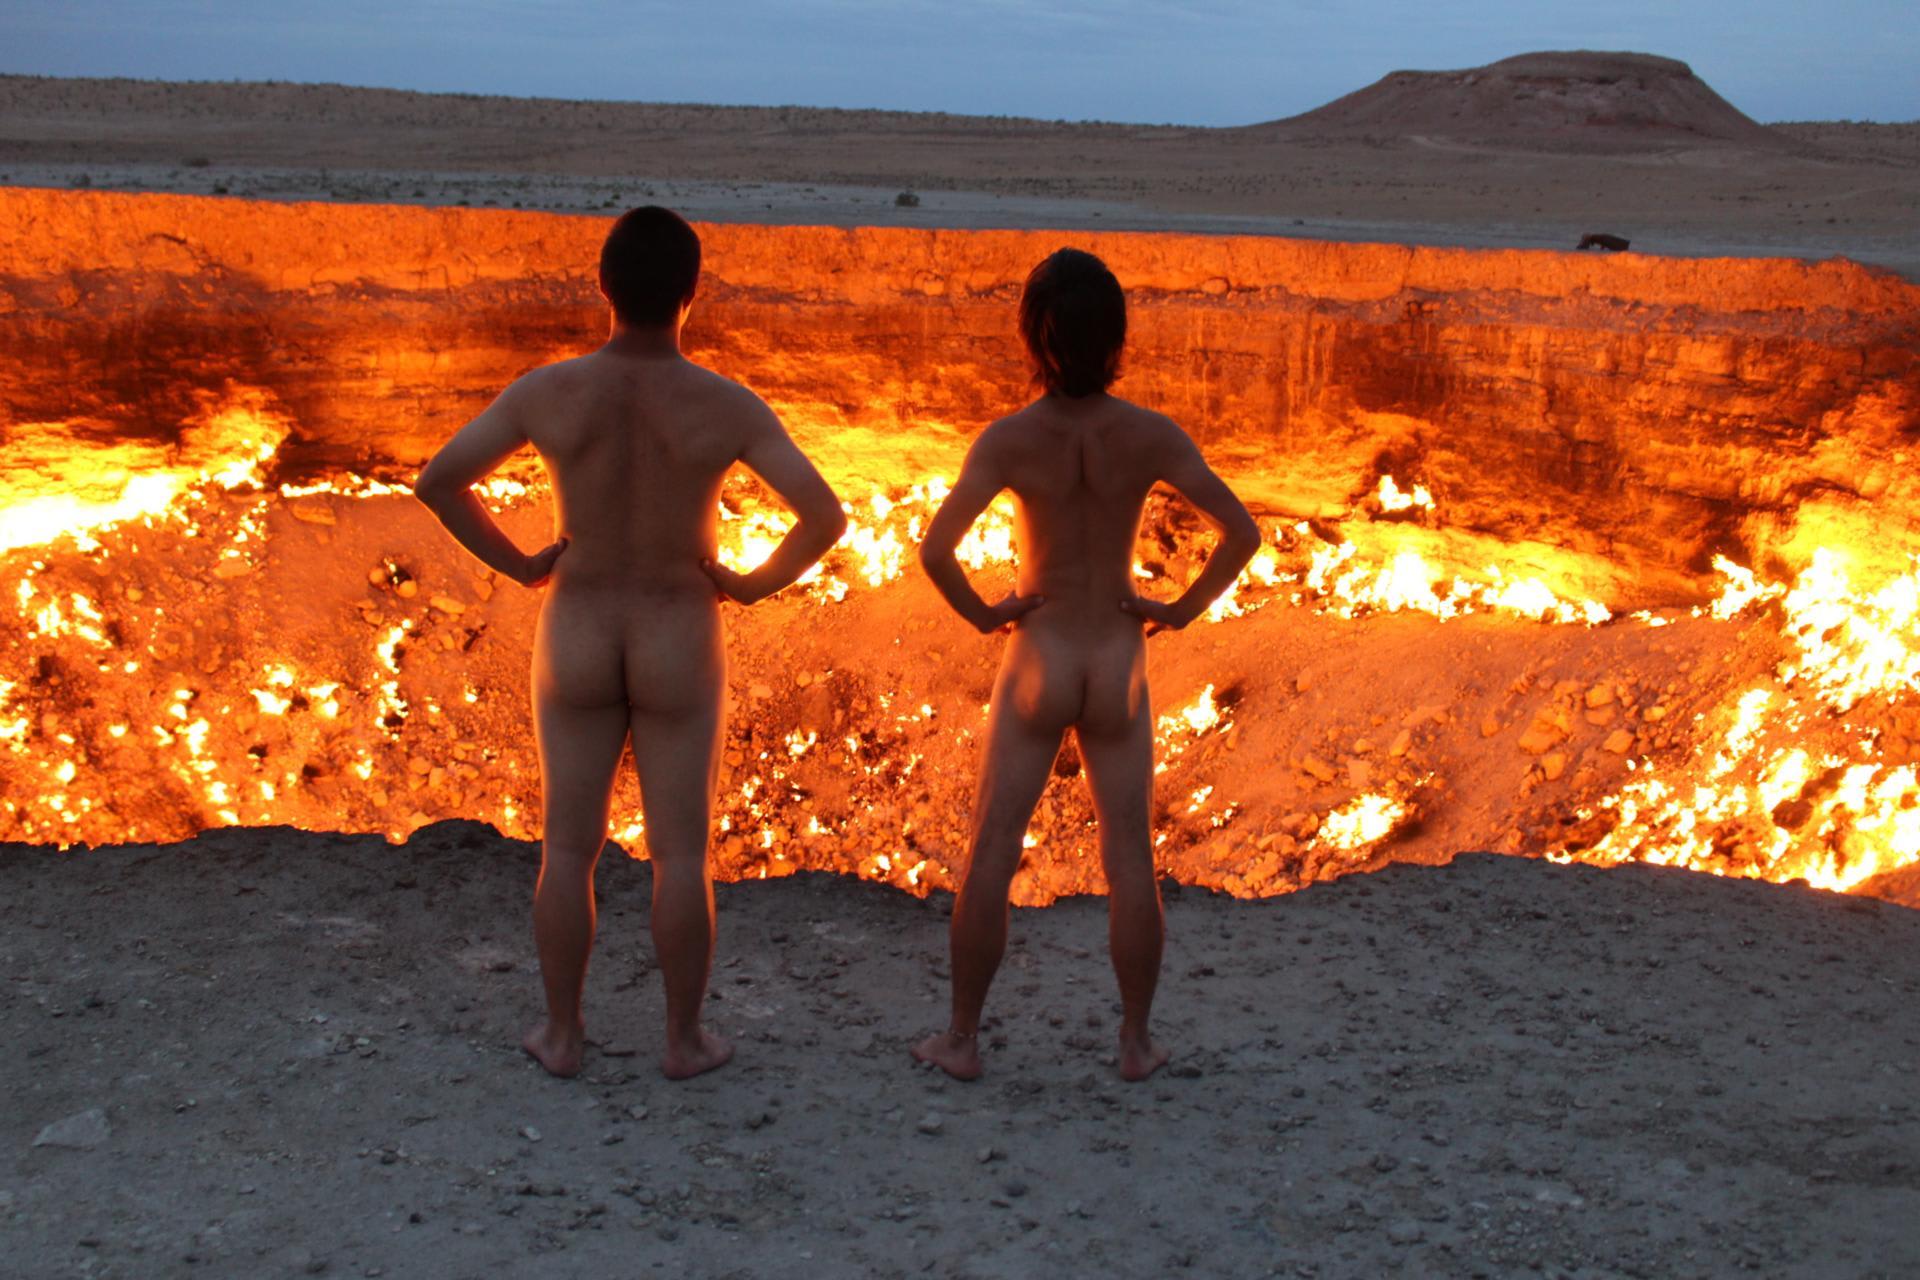 【裸】ノンケのバカ騒ぎ写真79【露出】 [無断転載禁止]©bbspink.comYouTube動画>13本 ->画像>624枚